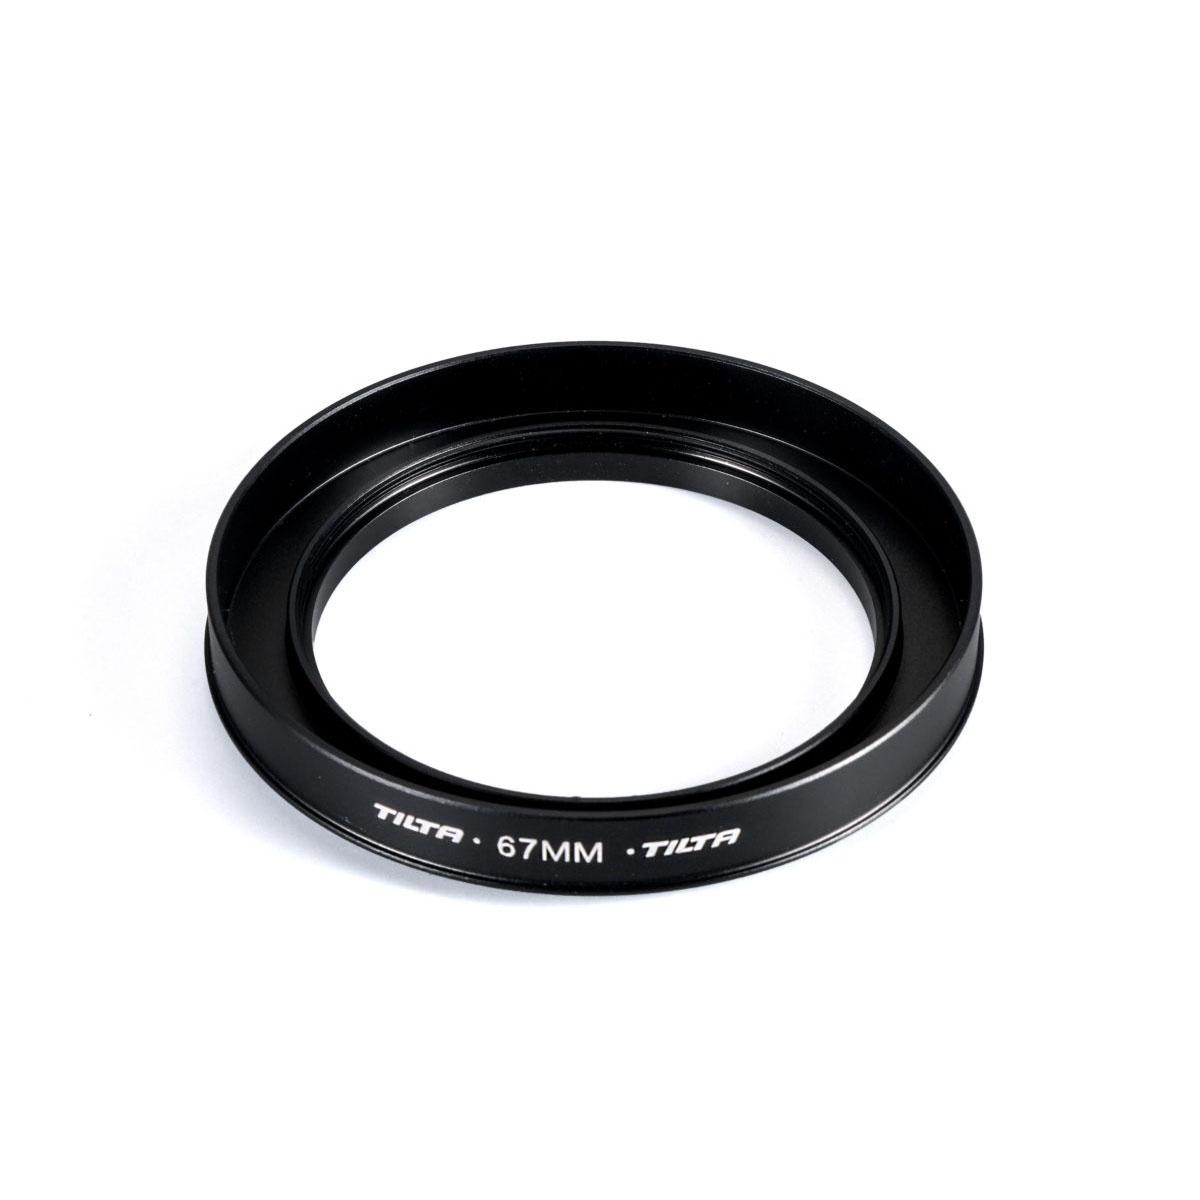 Tilta Tiltaing 67mm Adapter Ring for Mini Clamp-on MatteBox